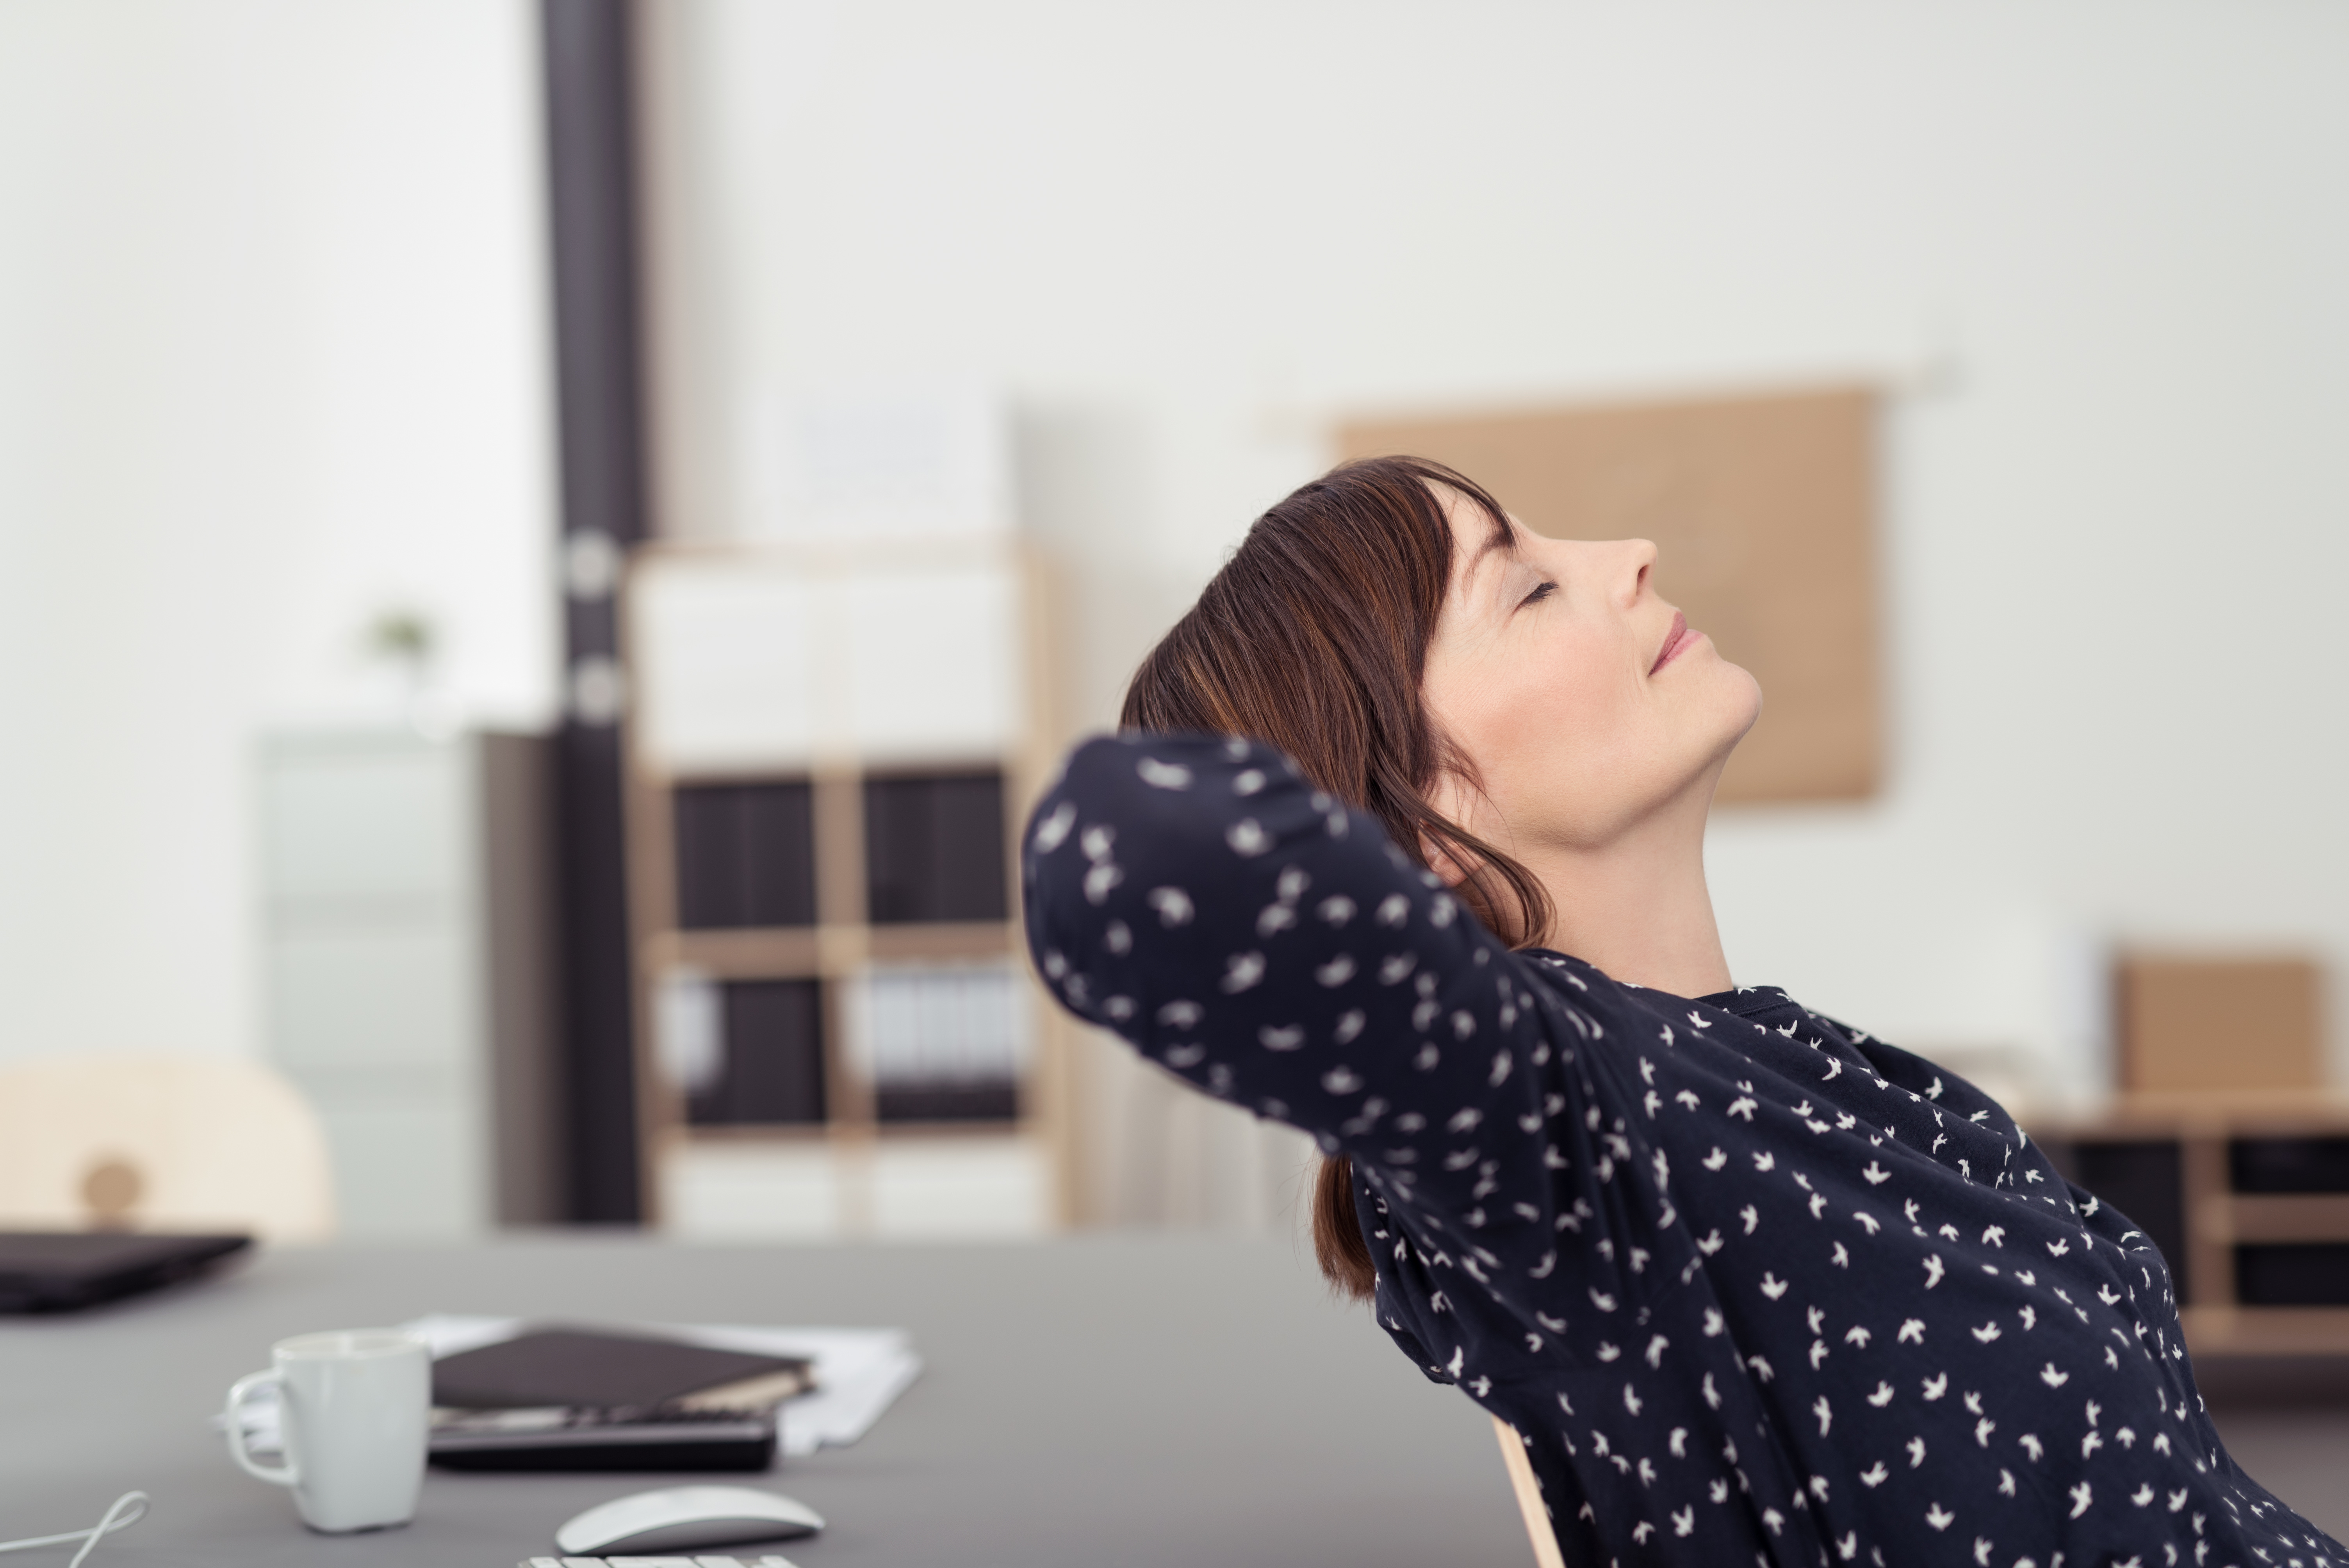 Устала от ребенка - что делать, если надоели муж, семья, дети и быт?